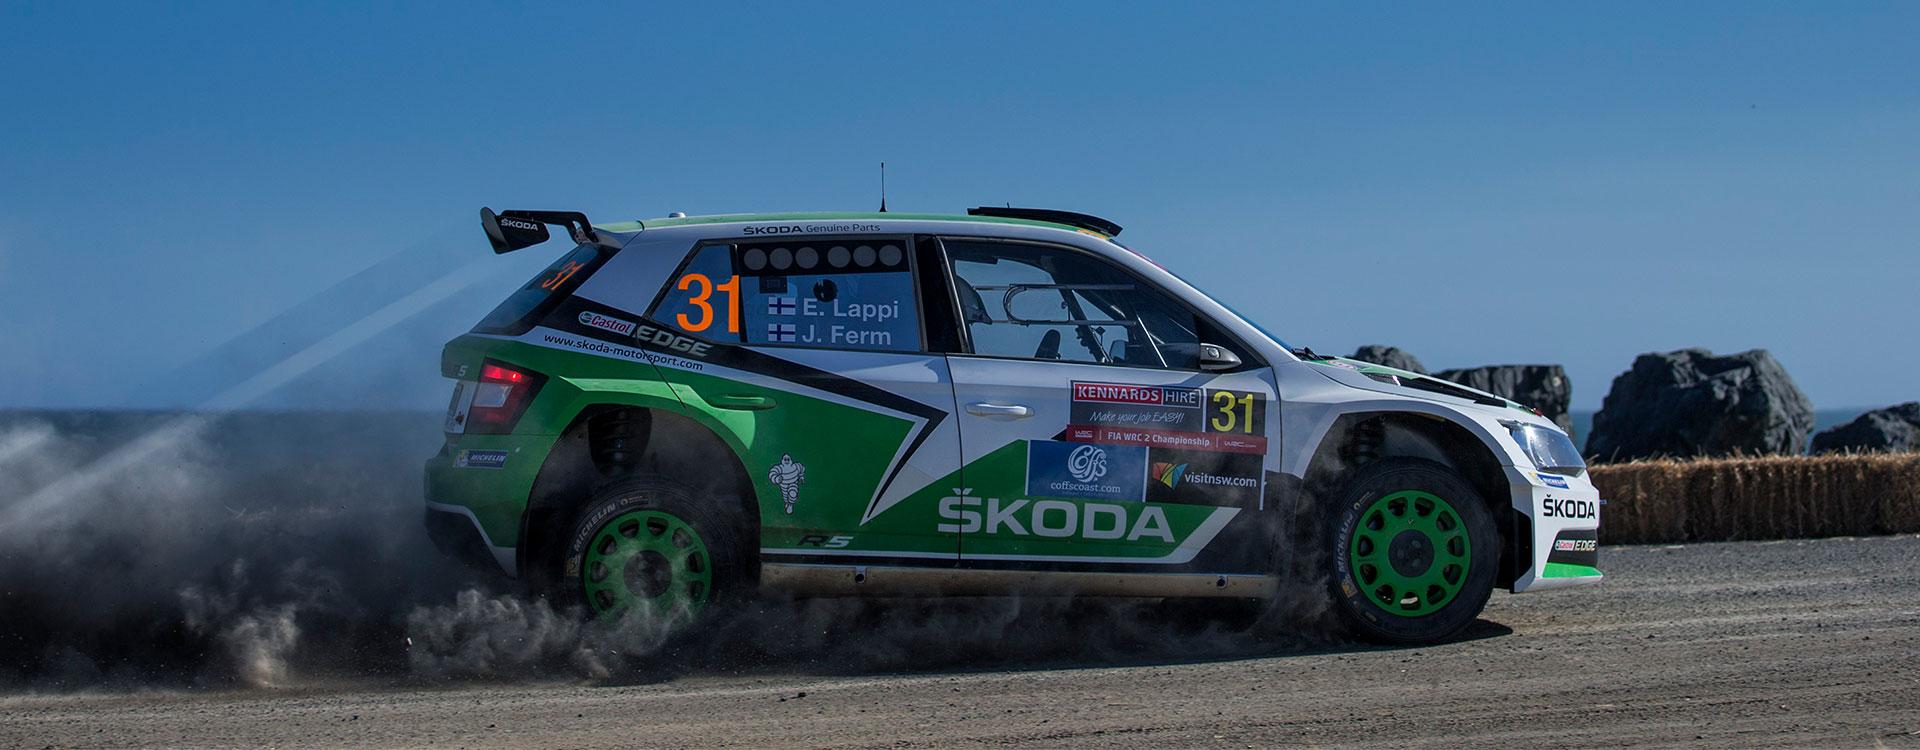 WRC Austrálie: S chladnou hlavou navzdory vedru. Lappi dál zvyšuje vedení